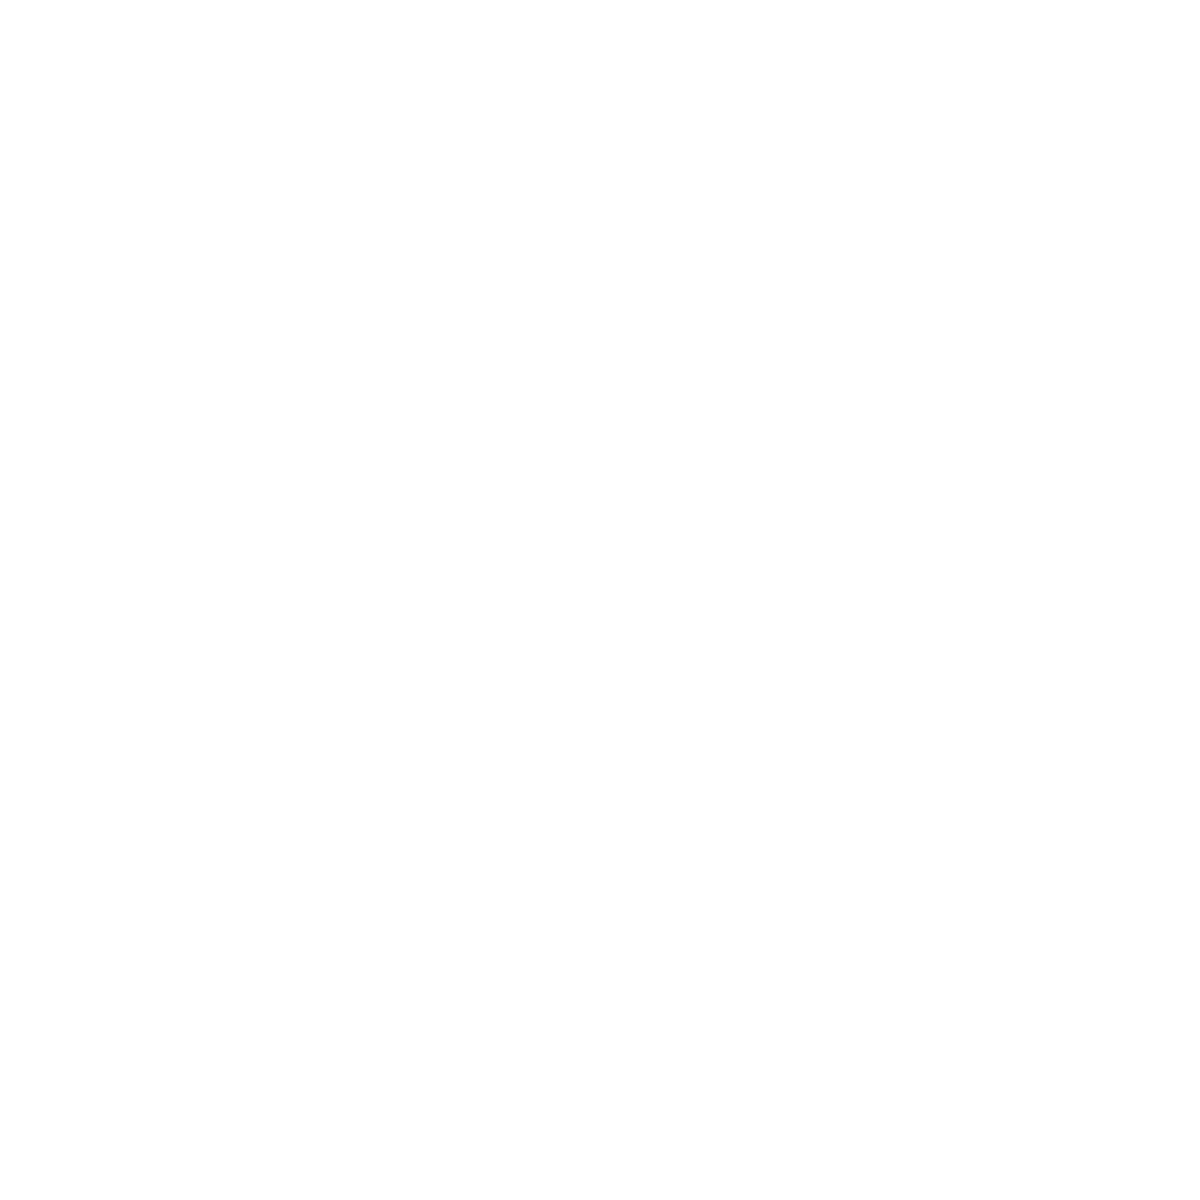 Chessable.com logo